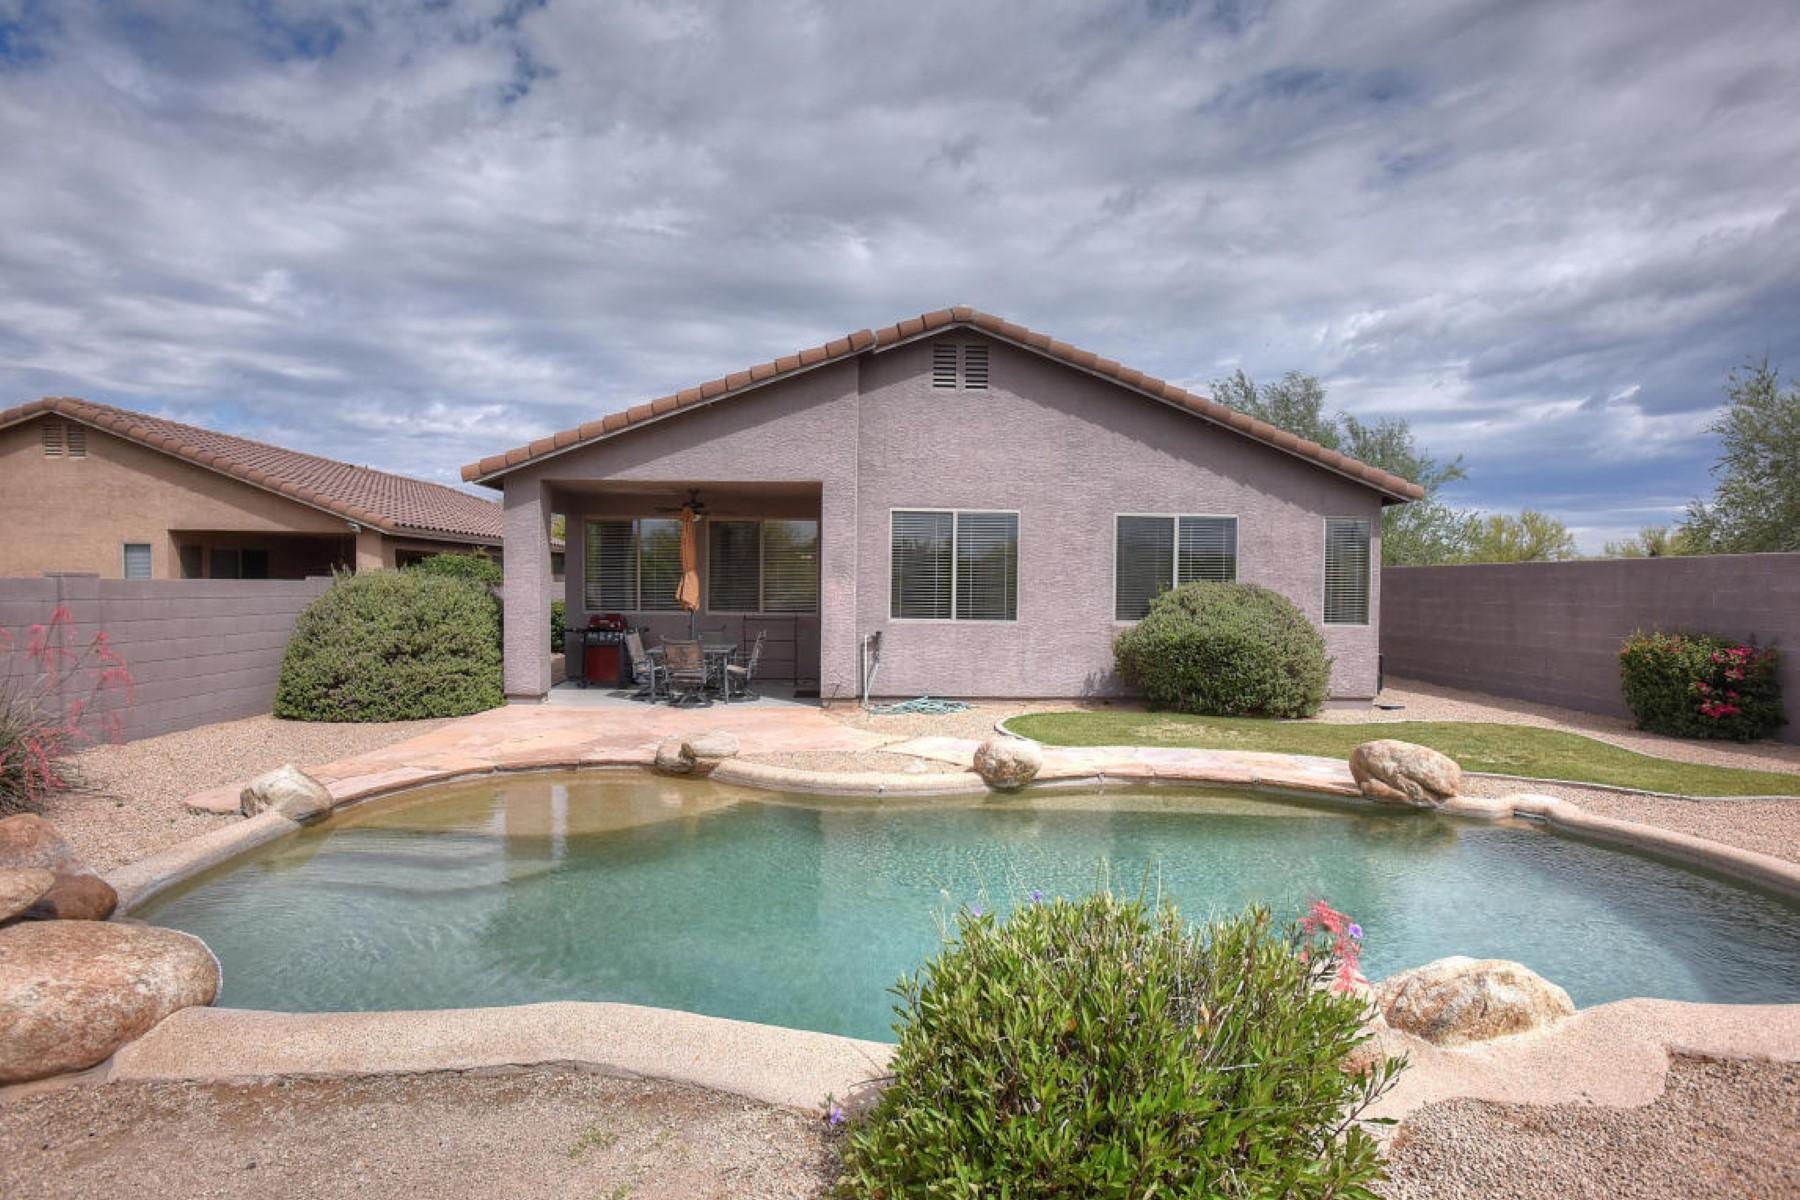 Maison unifamiliale pour l Vente à Adorable 2 bedroom plus den home. 24971 N 74TH PL Scottsdale, Arizona 85255 États-Unis